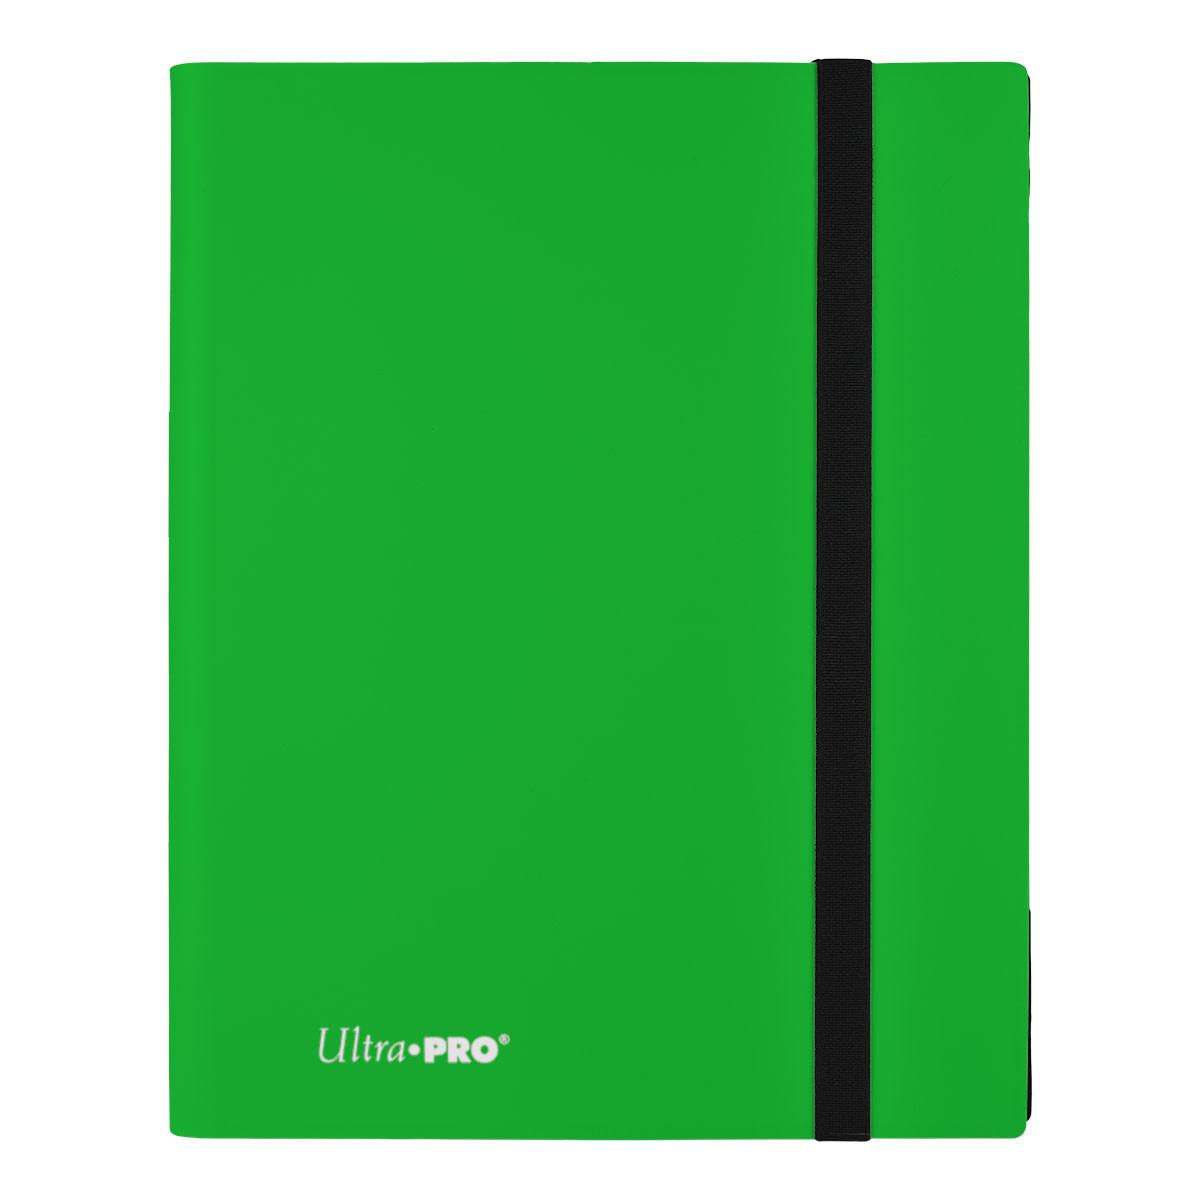 9-Pocket Lime Green PRO-Binder